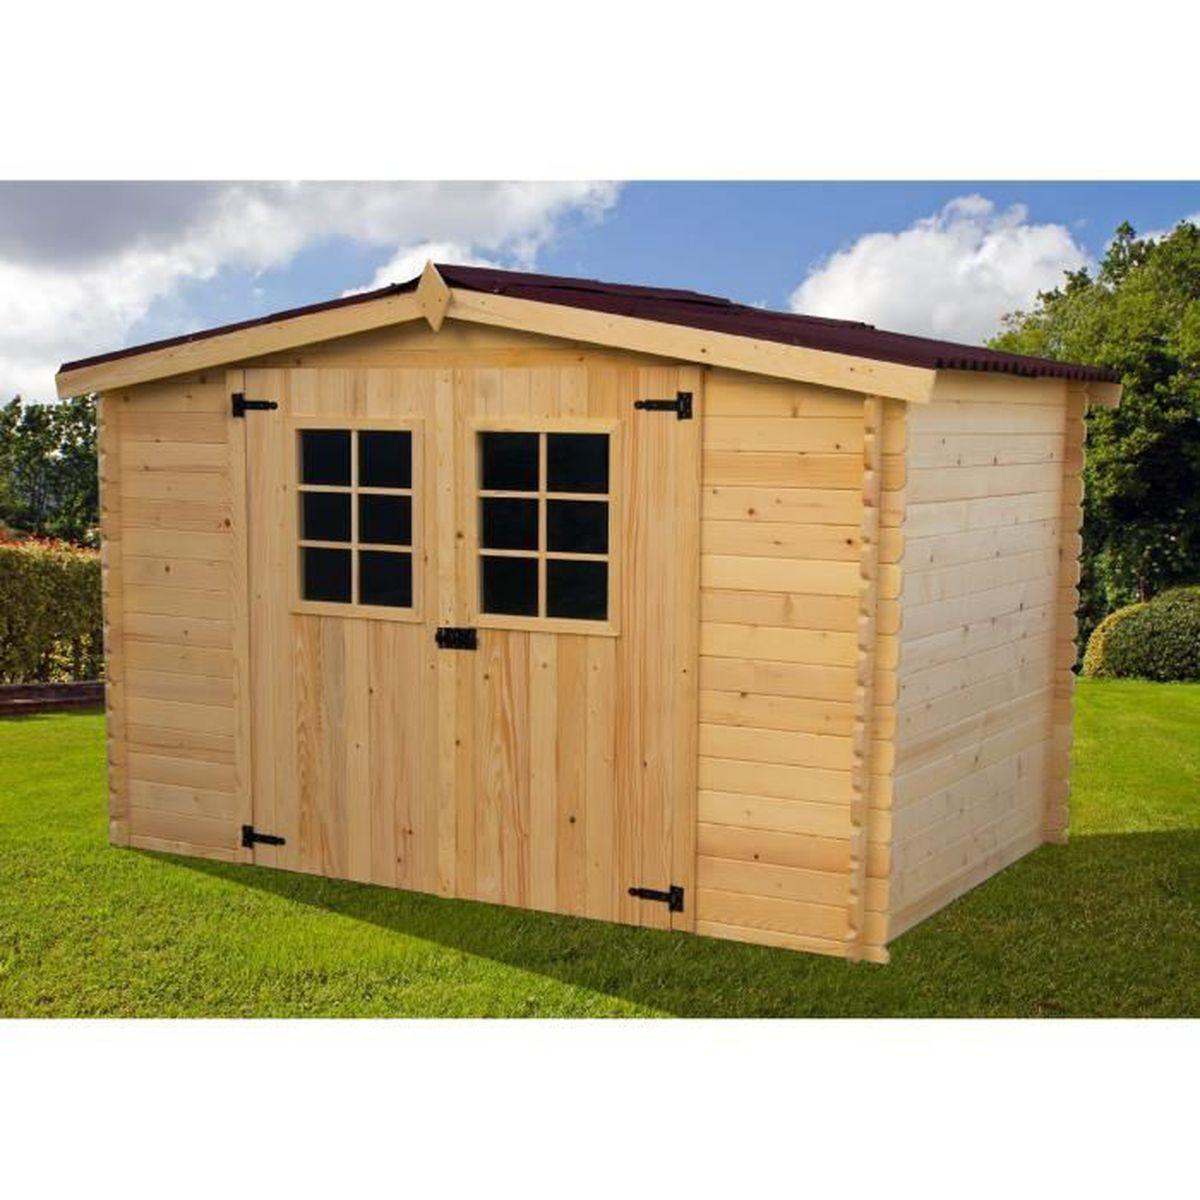 abri de jardin en bois 3x3 m achat vente abri jardin. Black Bedroom Furniture Sets. Home Design Ideas